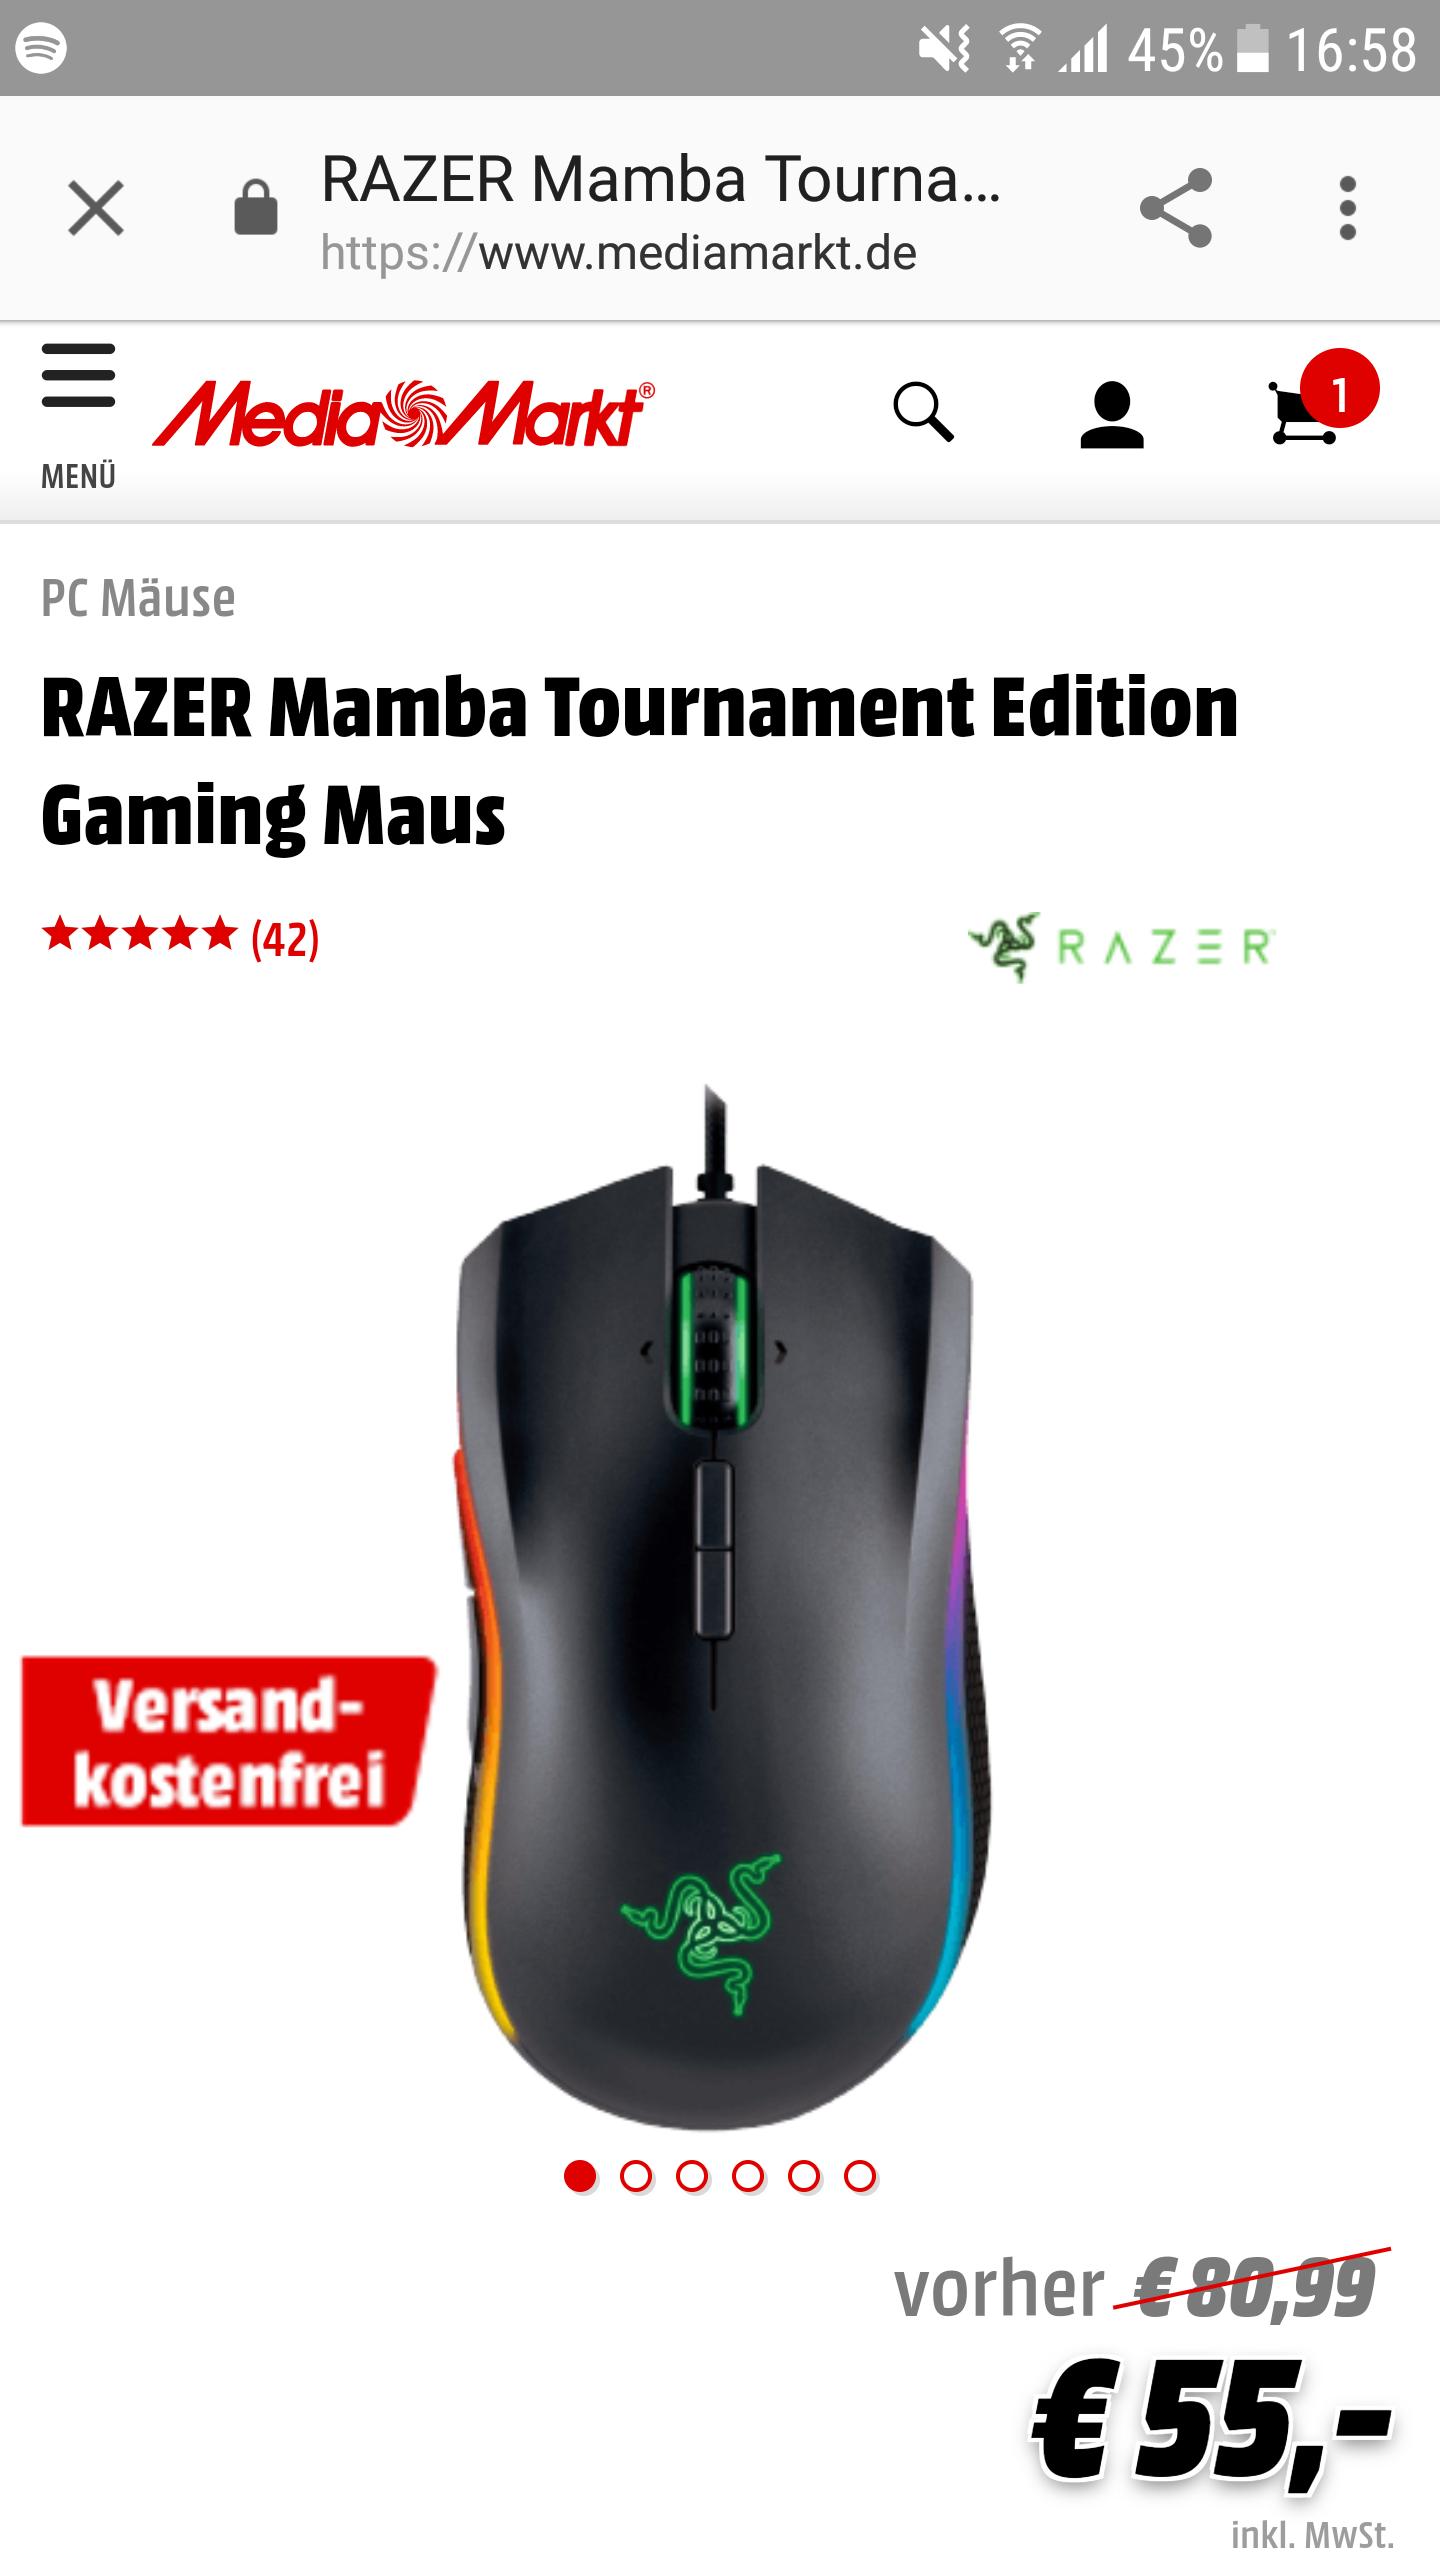 Razer Mamba Tournameent Gaming Maus